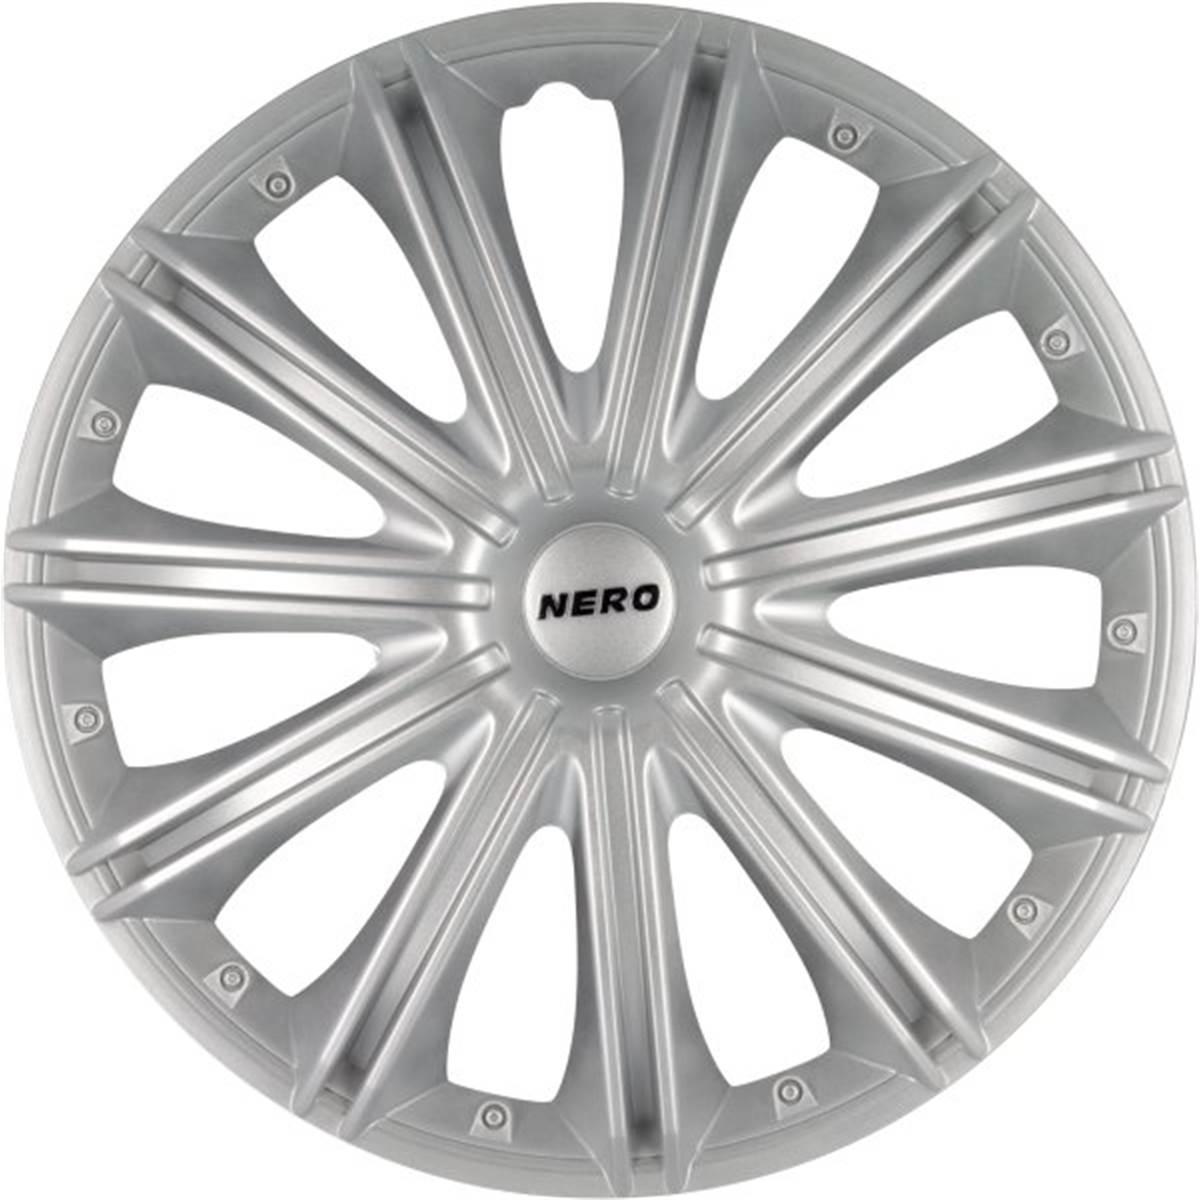 4 Enjoliveurs Nero pour roue de 13 pouces